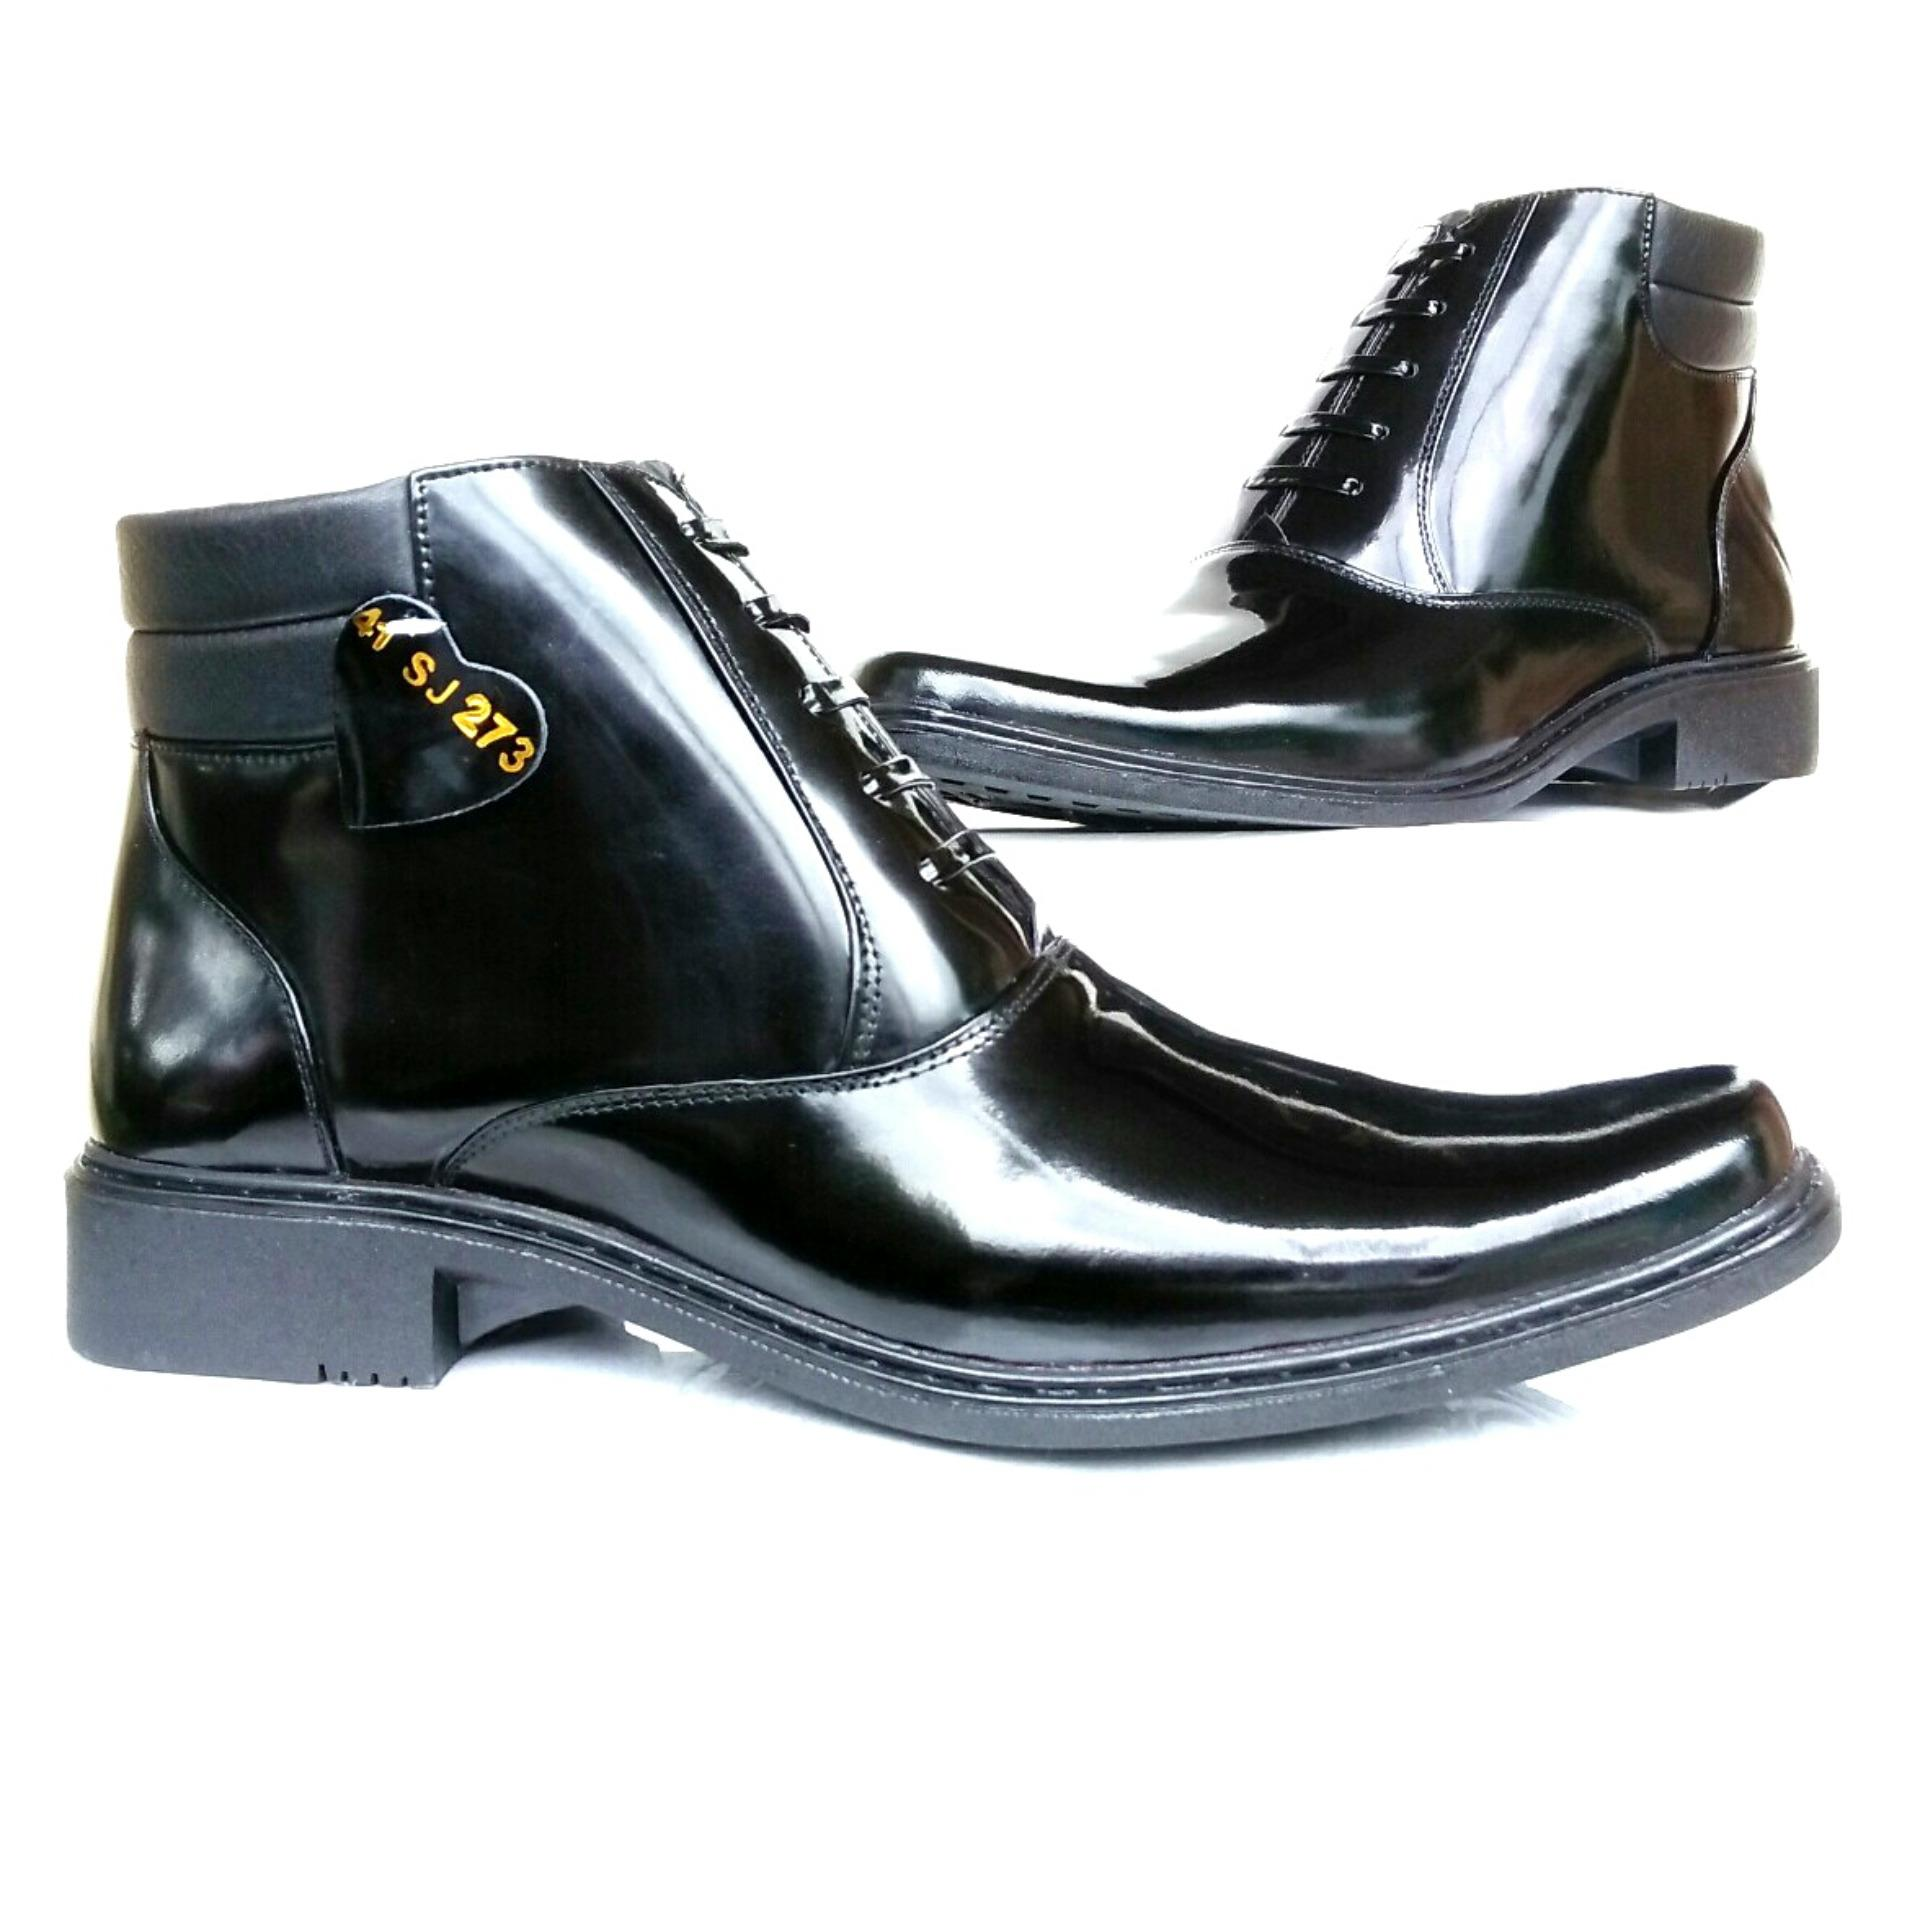 Jual Beli Man Dien Sepatu Kulit Lak Pdh Sj273 Lux Hitam Jawa Timur